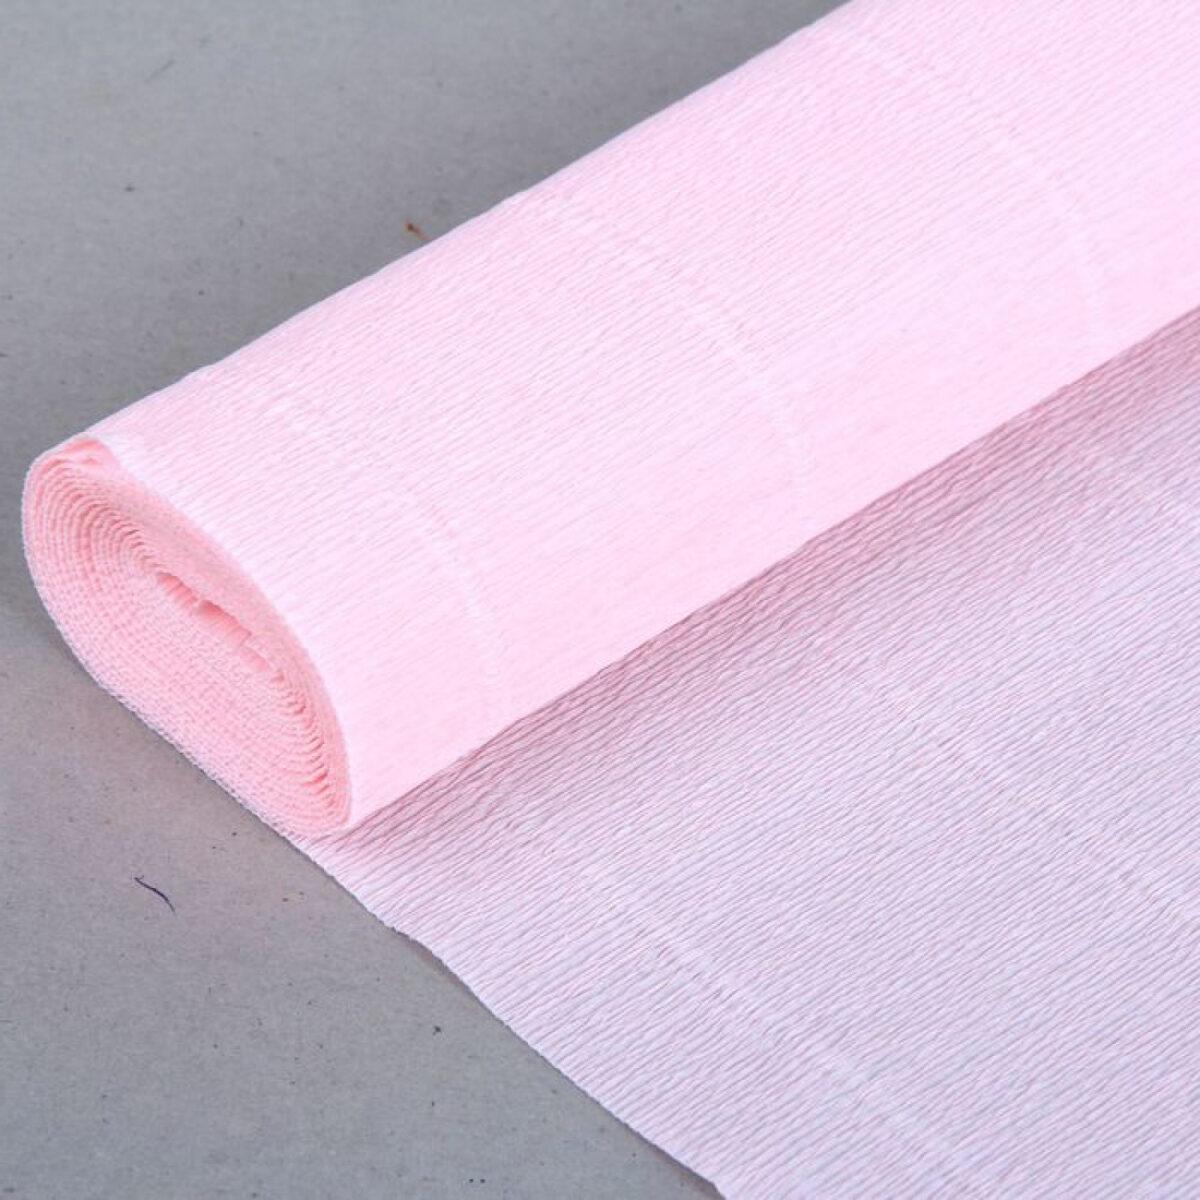 Бумага гофрированная простая бело-розовая 569